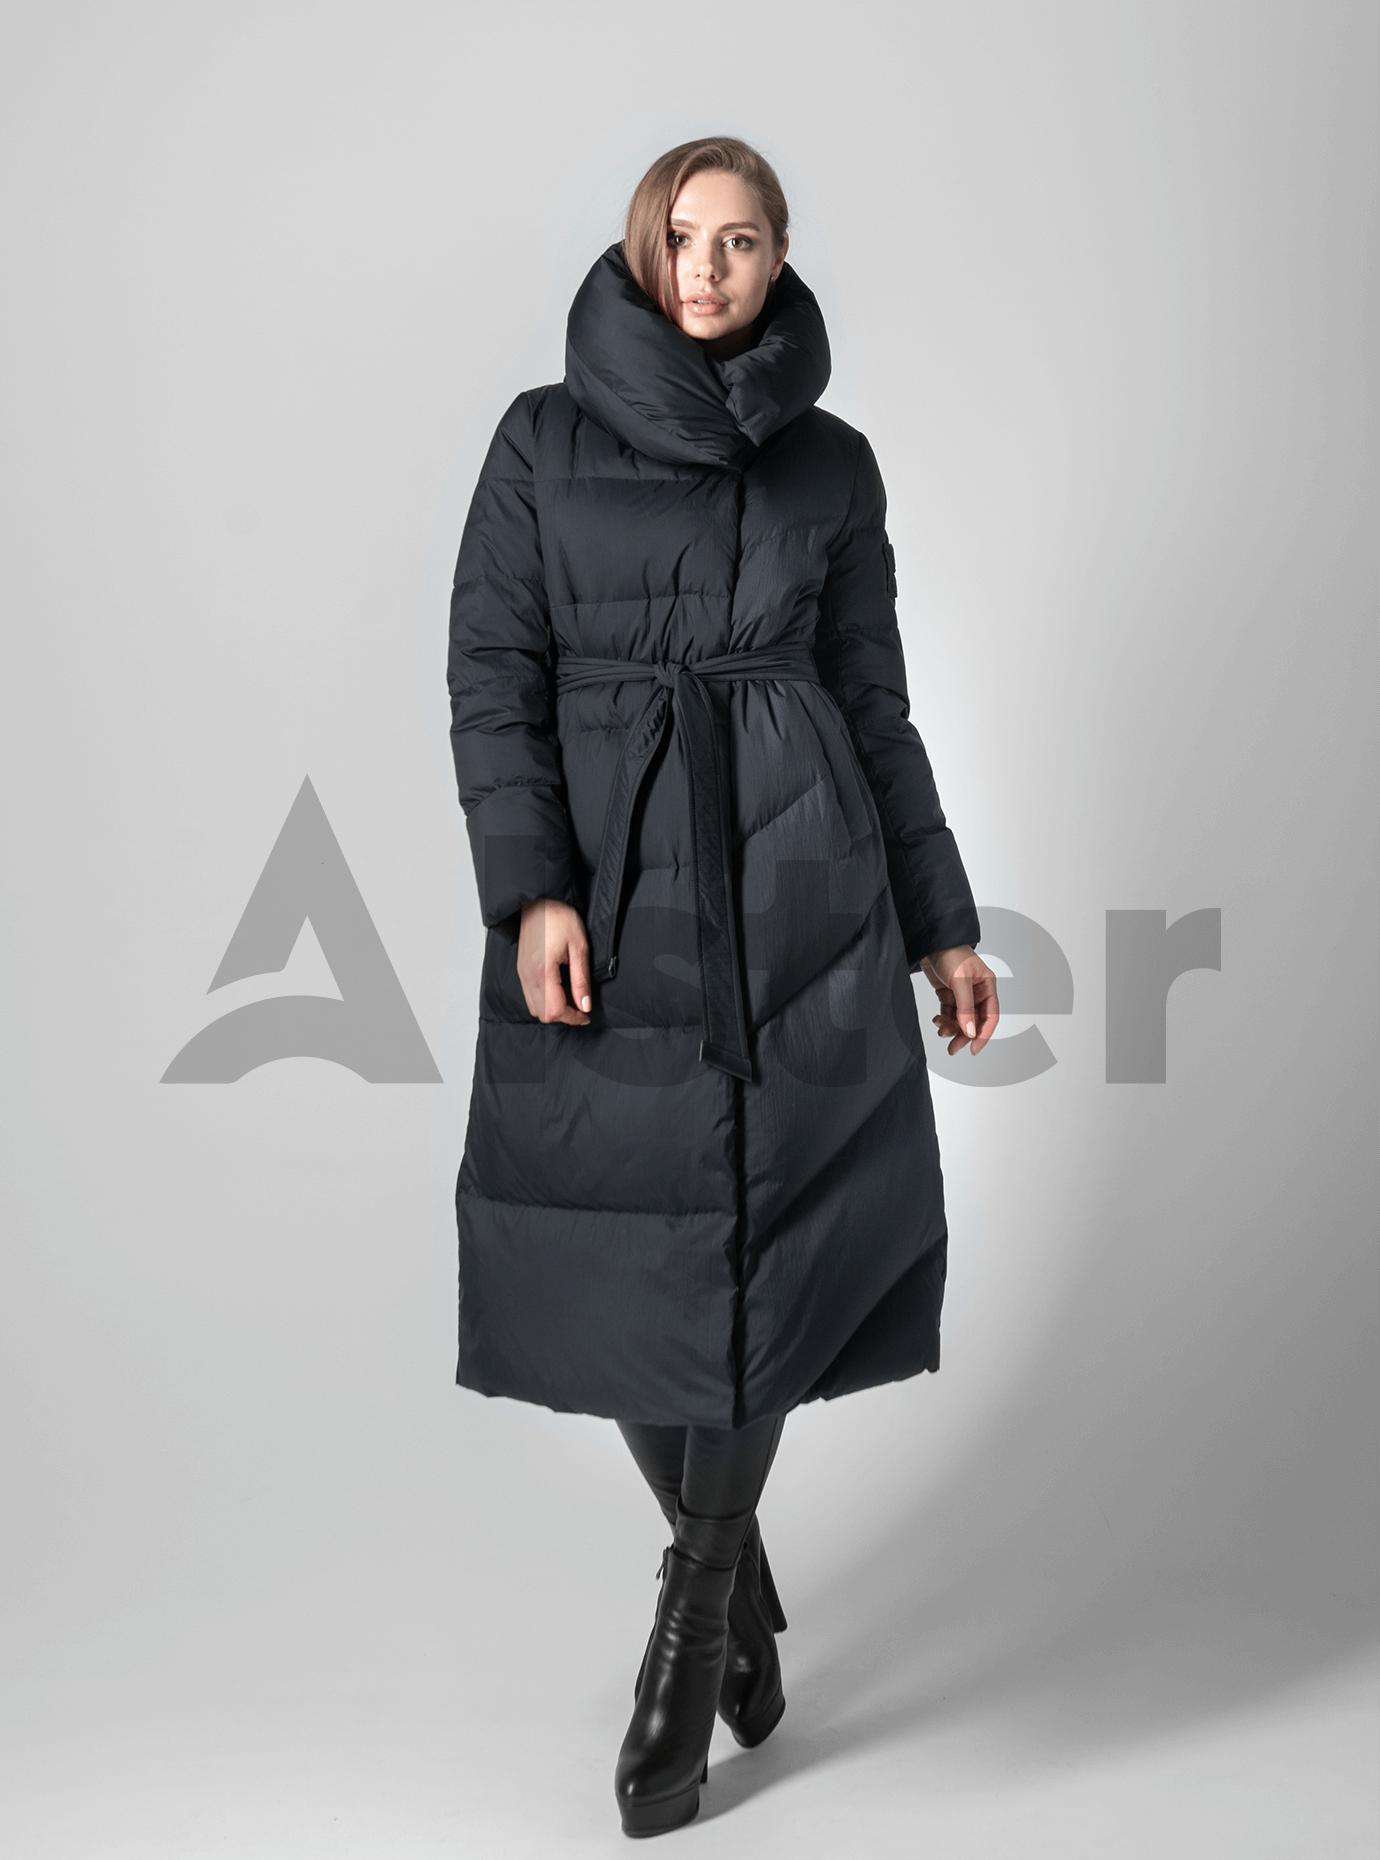 Пуховик женский с натуральным пухом Чёрный 2XL (02-4605): фото - Alster.ua